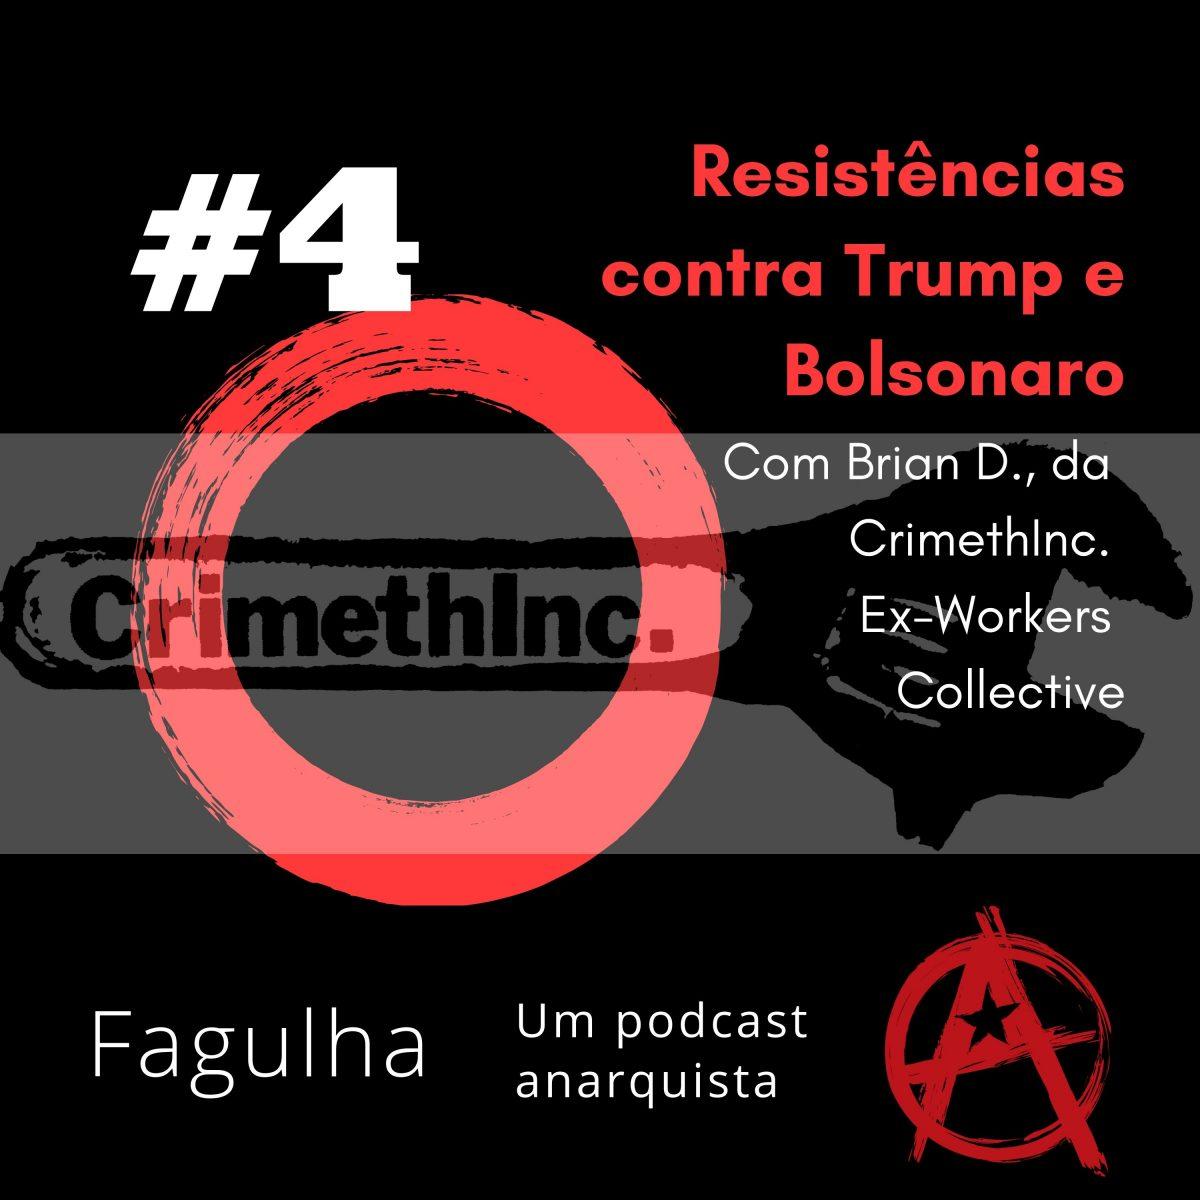 #04: Resistências contra Trump e Bolsonaro, com Brian D. da Crimethinc.